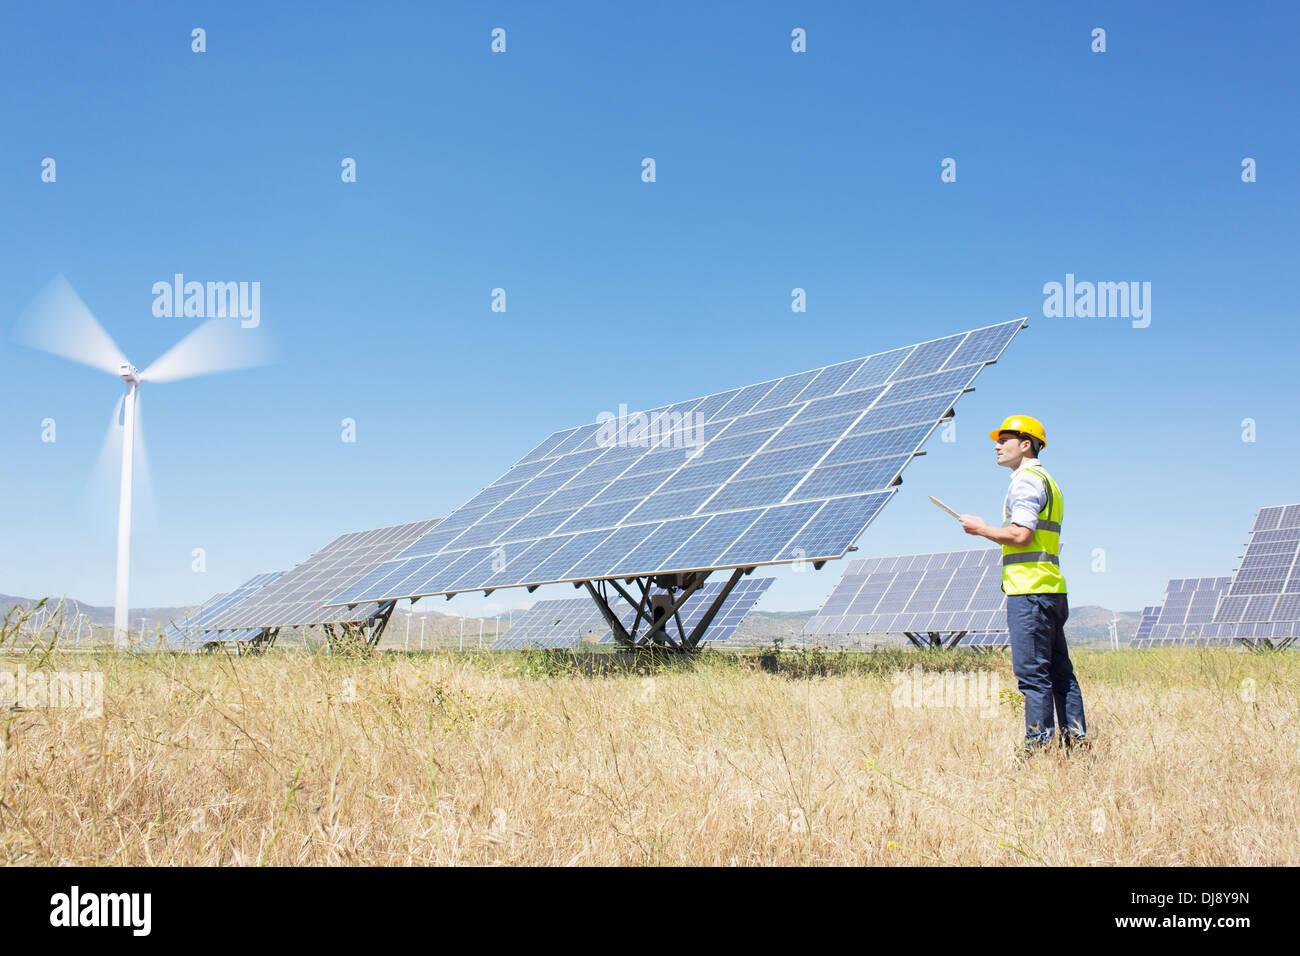 Arbeiter, die Prüfung von Sonnenkollektoren in ländlichen Landschaft Stockbild